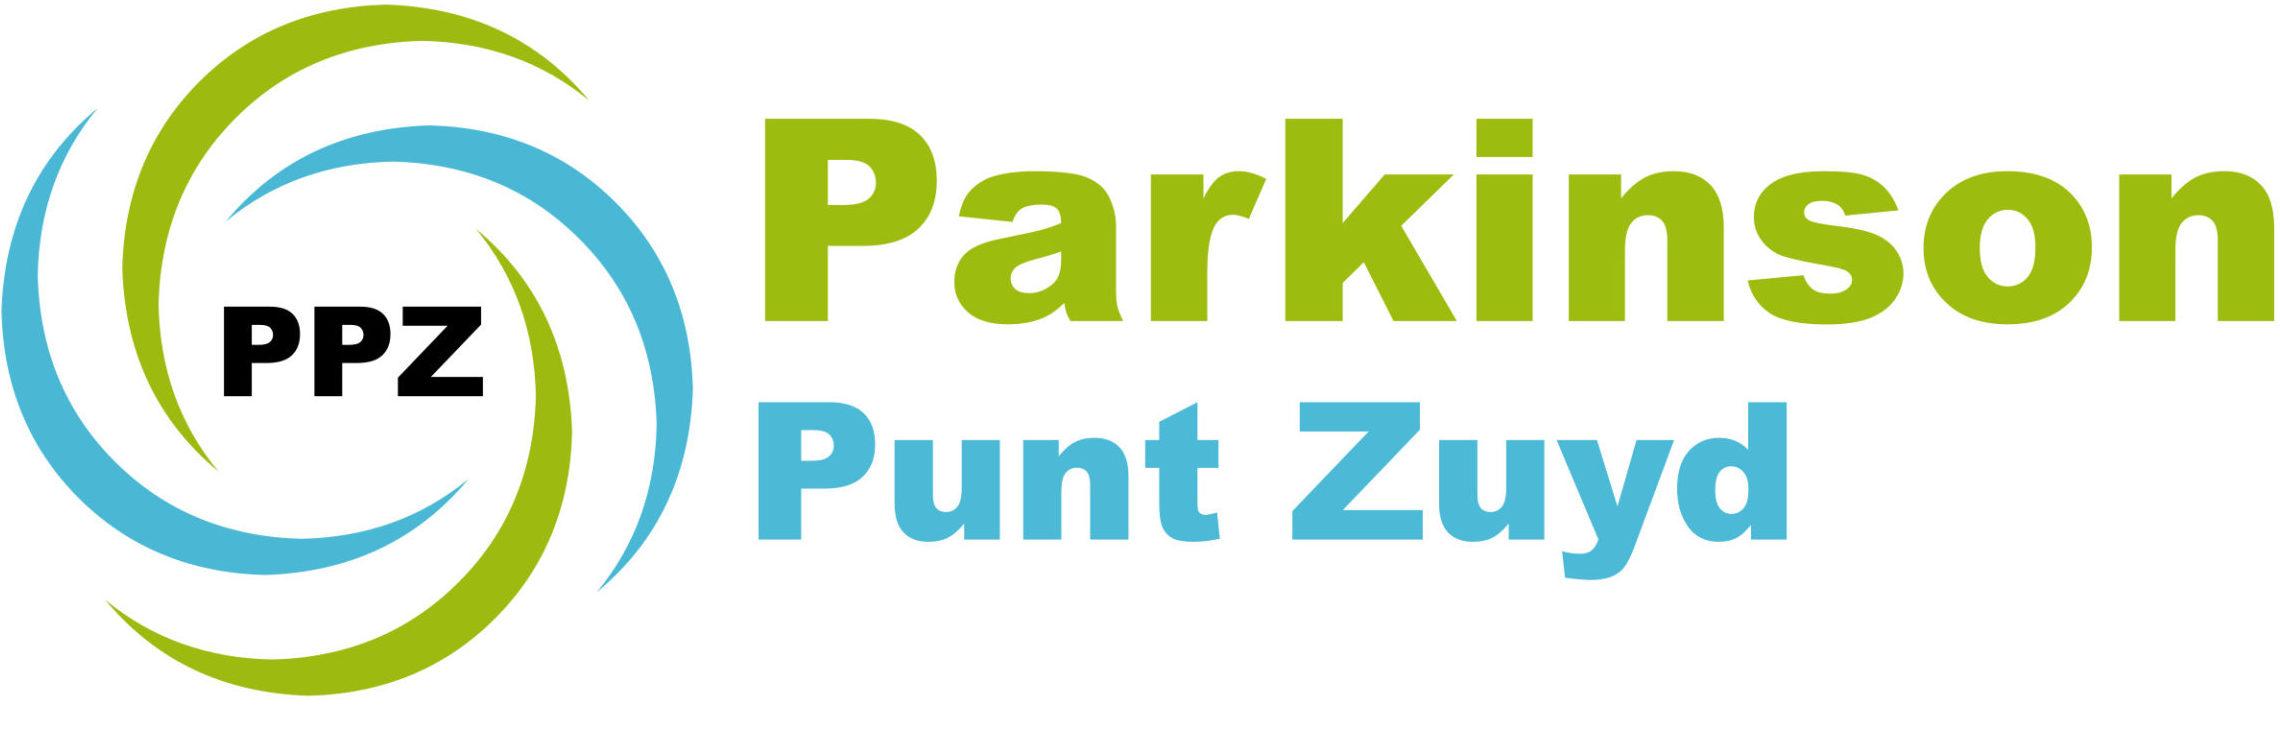 Expertisecentrum Parkinson Punt Zuyd